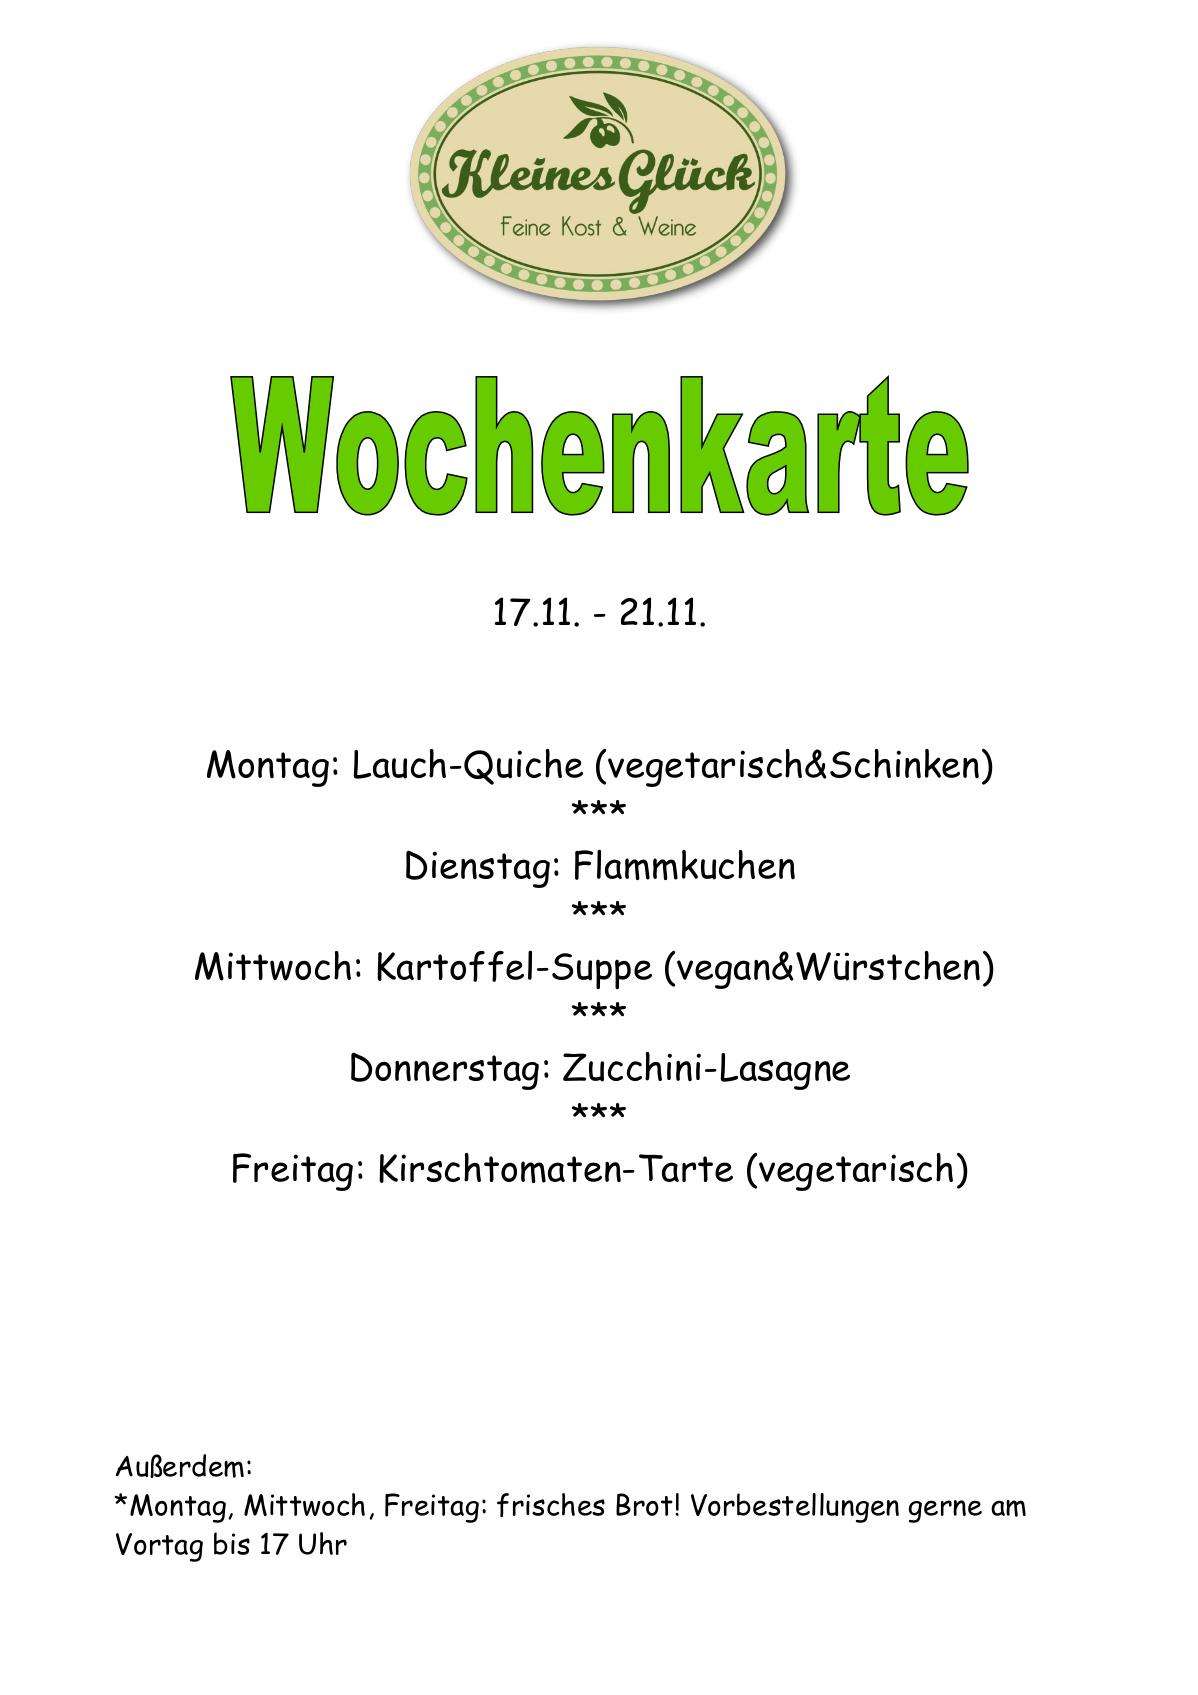 Wochenkarte_14-47